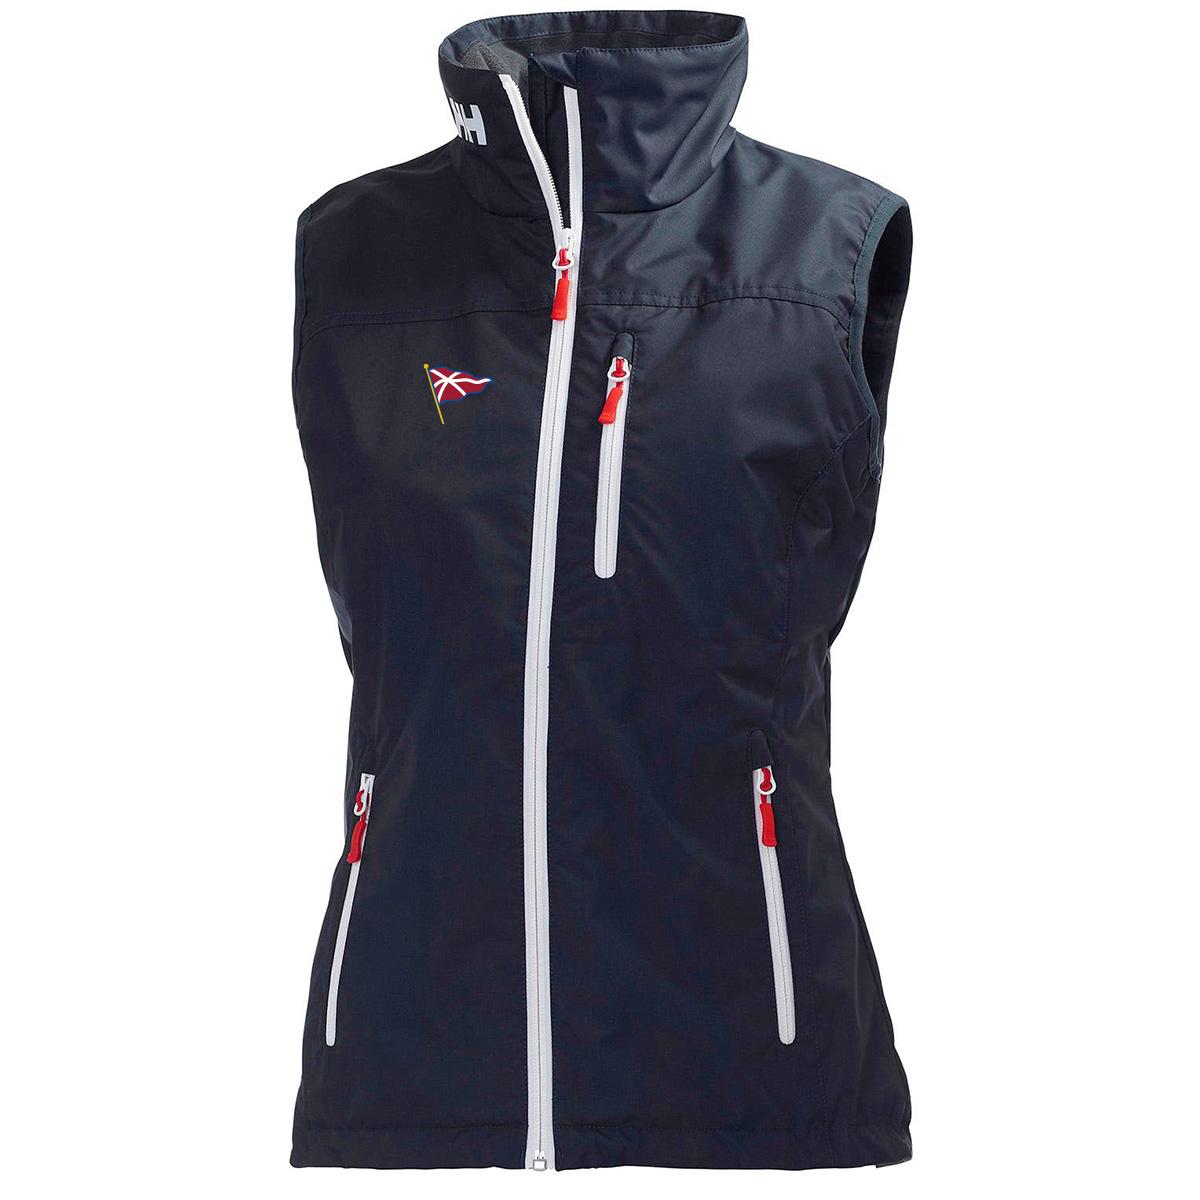 Orient Yacht Club - Helly Hansen Women's Crew Vest